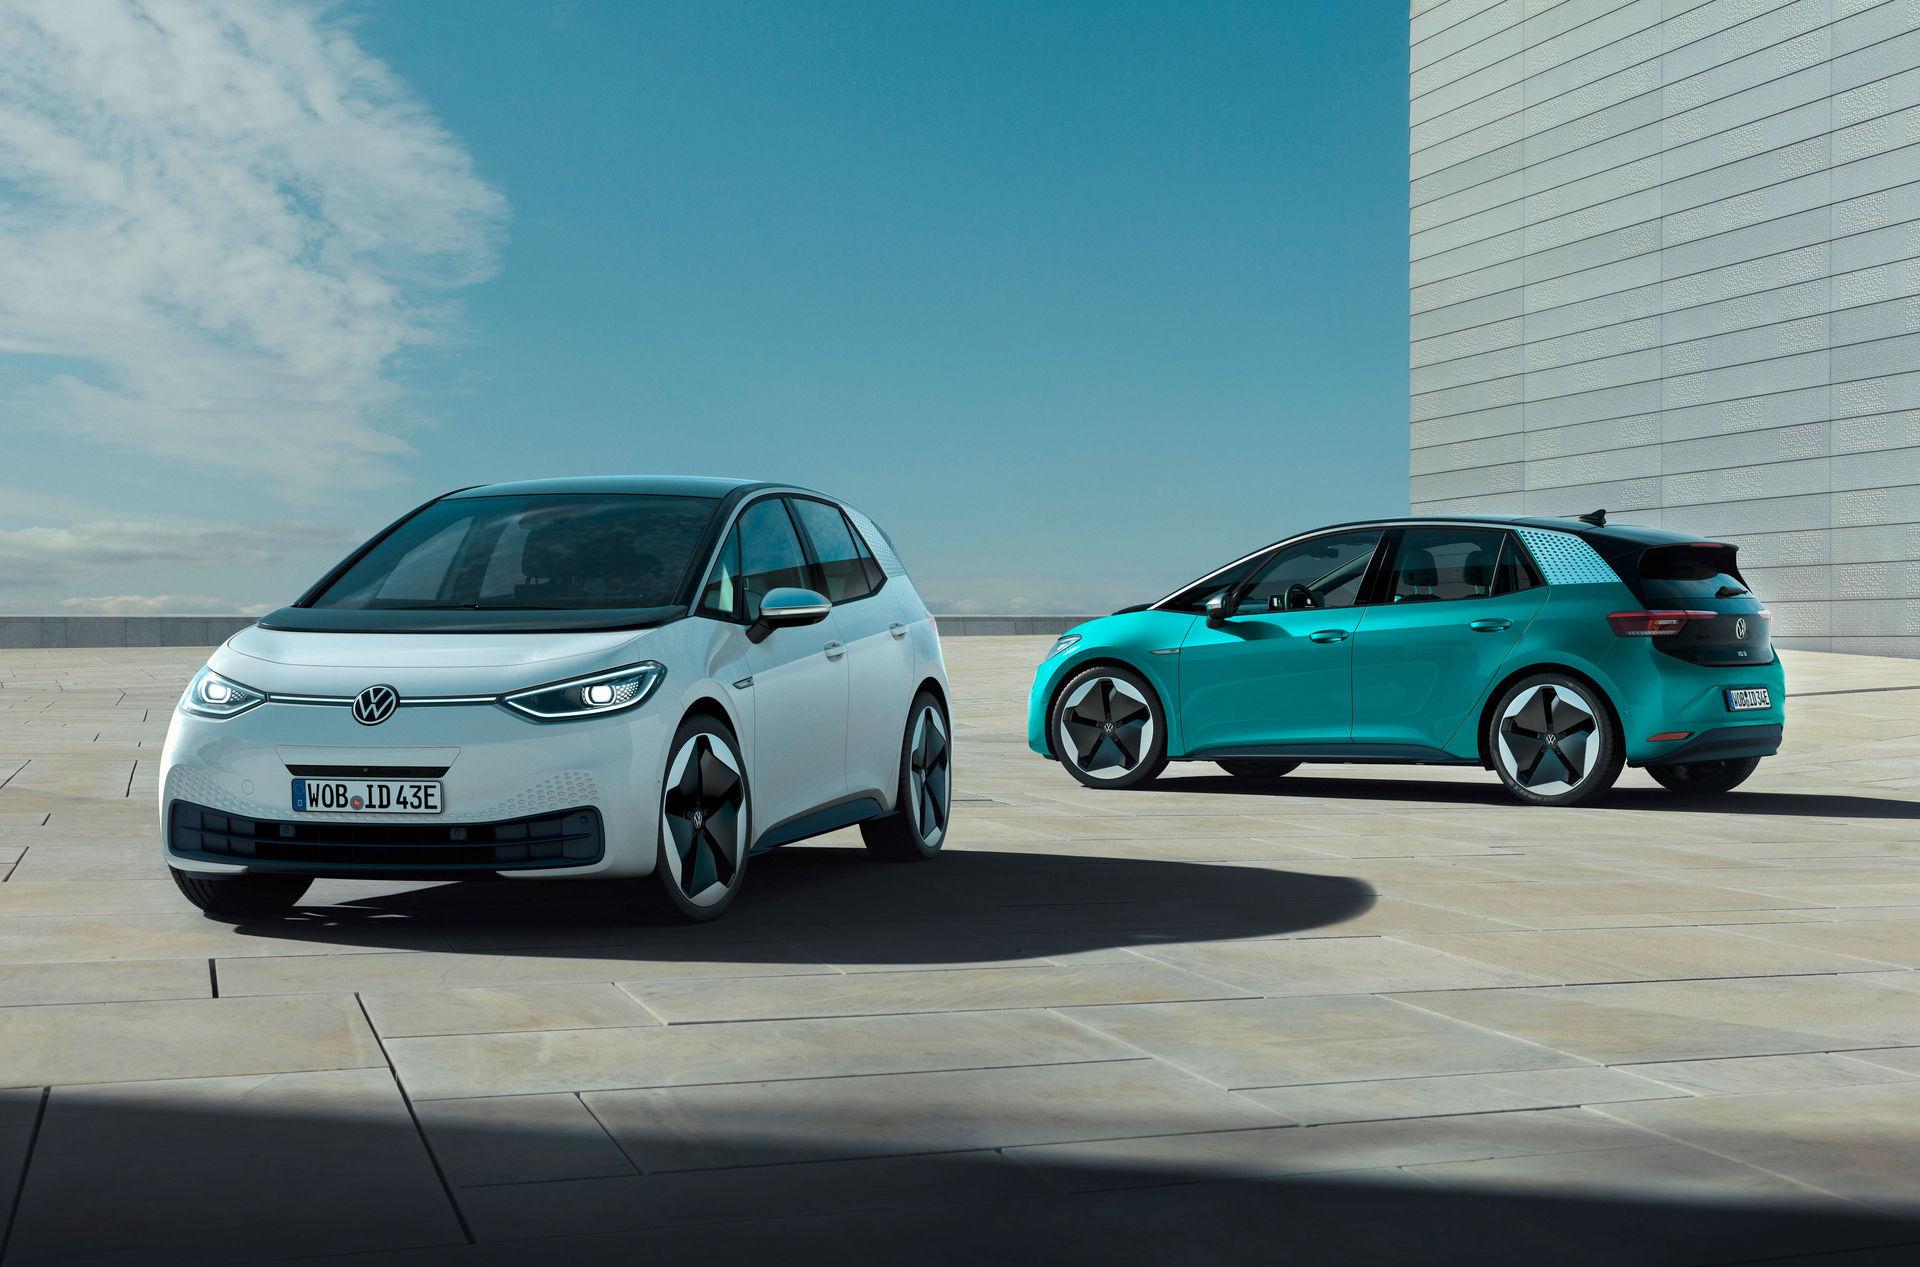 Volkswagen ska ha tillverkat en miljon elbilar 2023